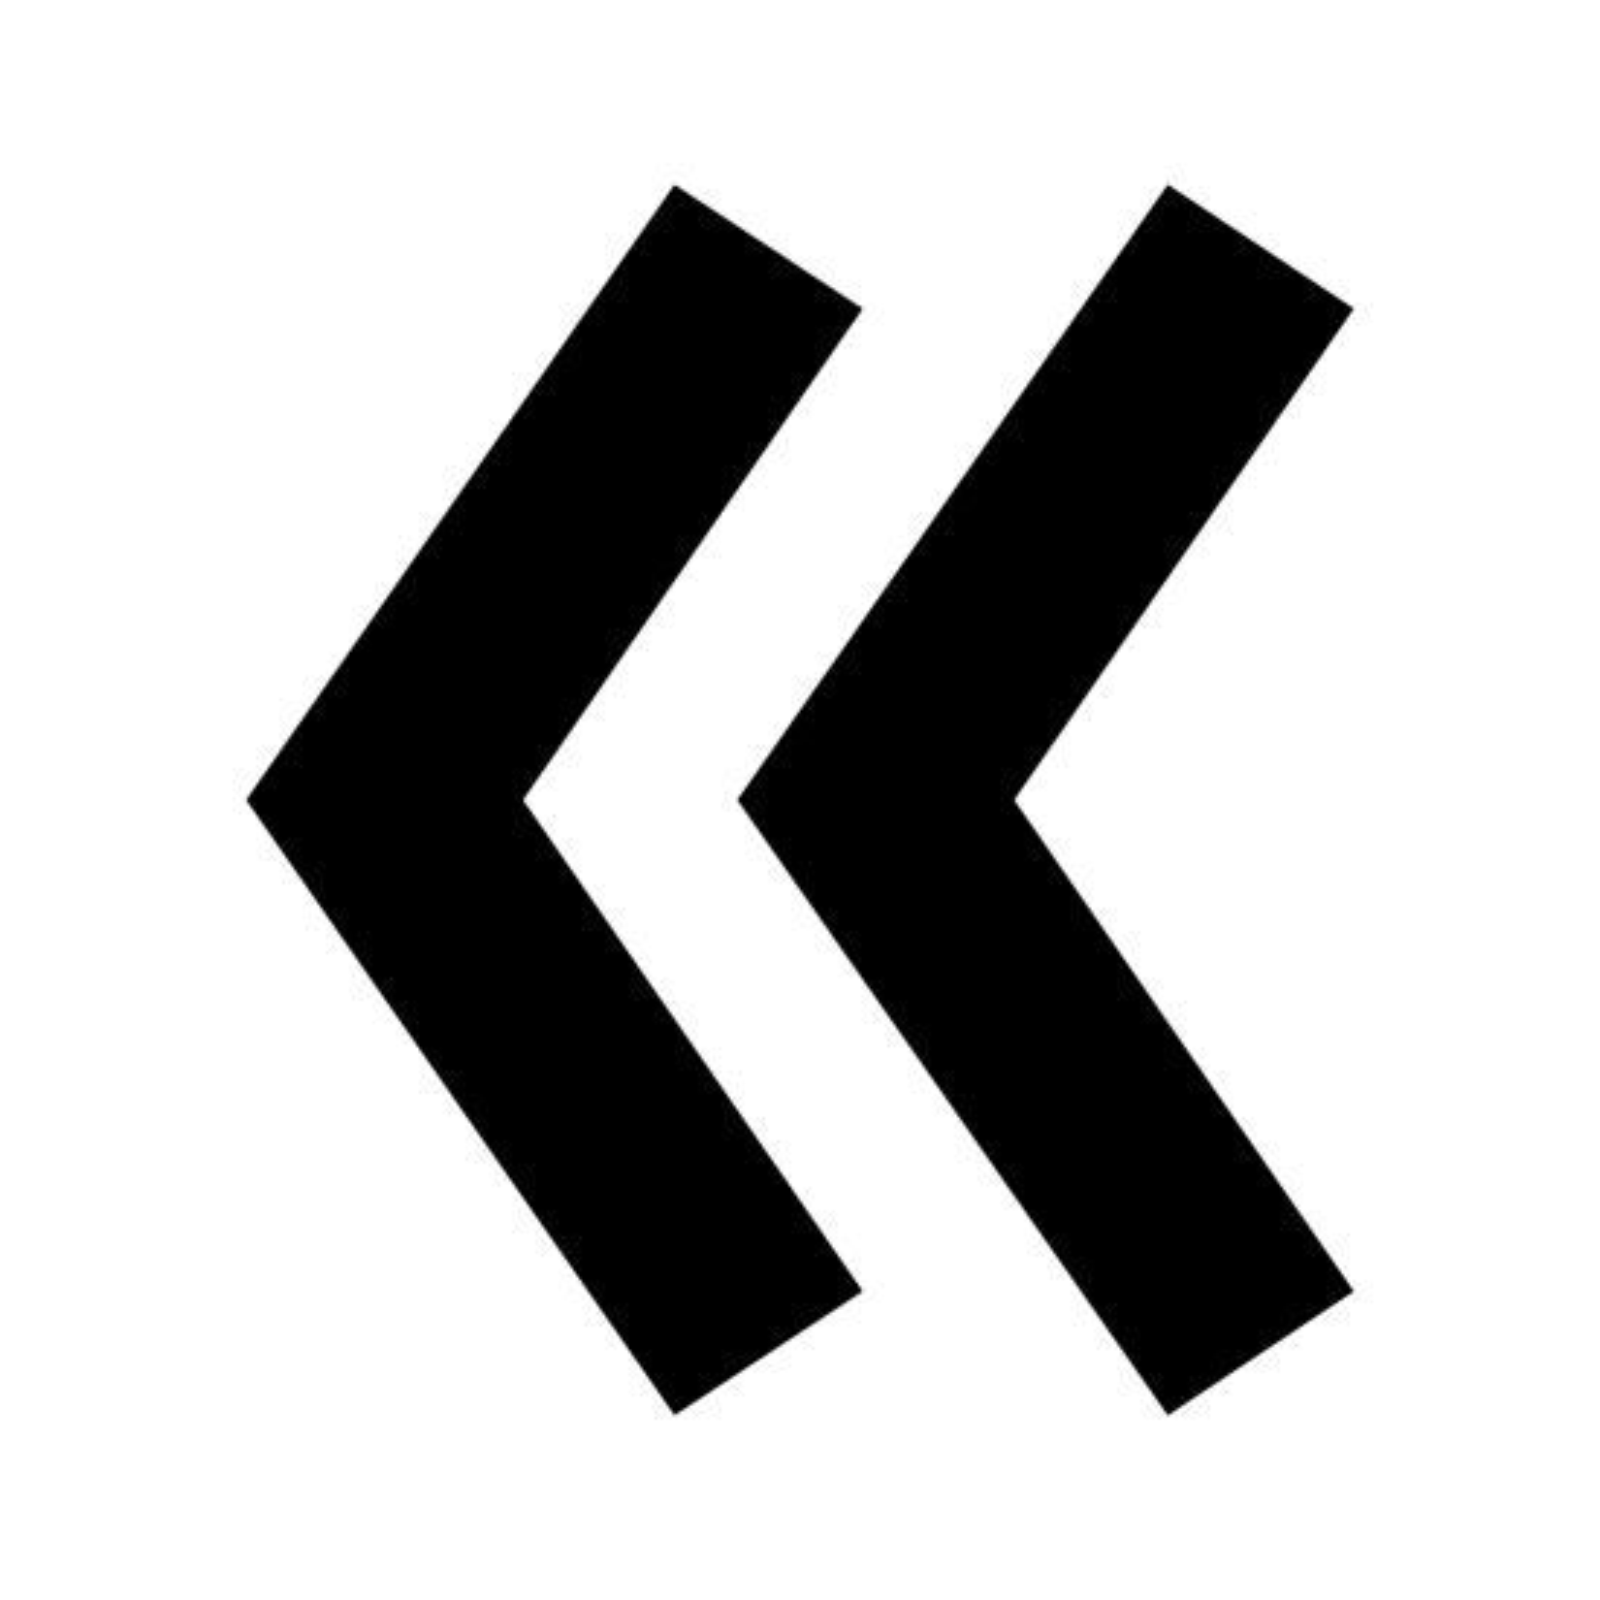 Double Left icon